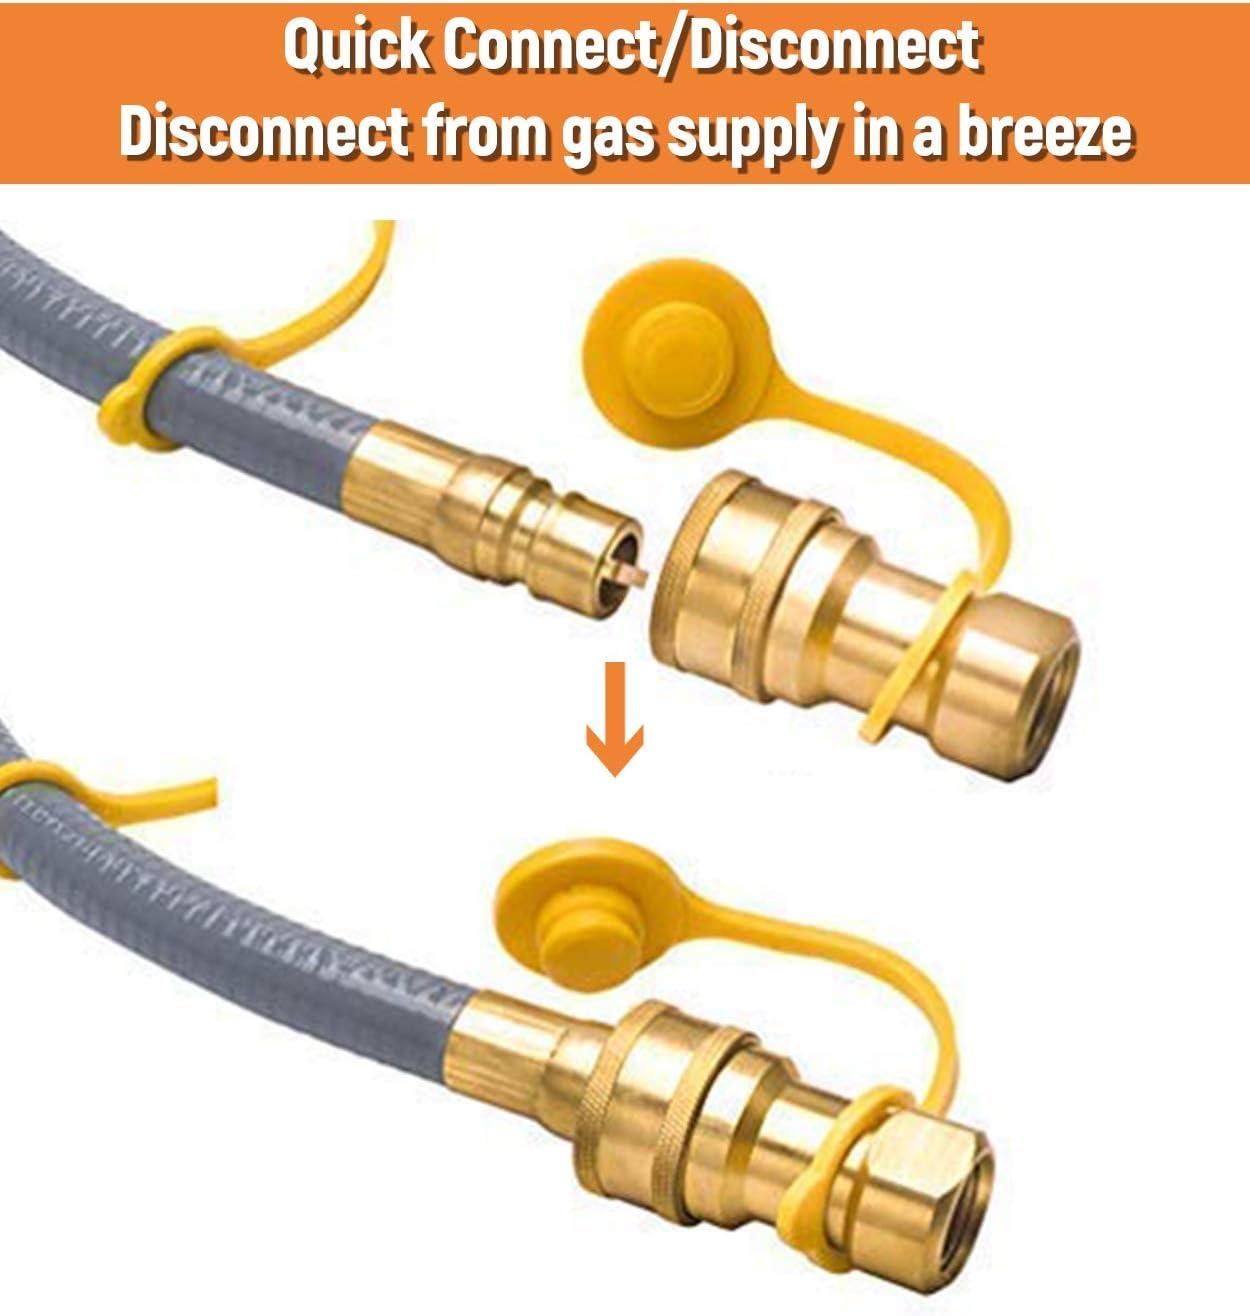 cocina de gas flexible tubo L 2000 mm 1//2 Mf Mg 90 /° codo de acoplamiento r/ápido CE 14800 unicooker en acero inoxidable con malla de acero y la chaqueta amarilla